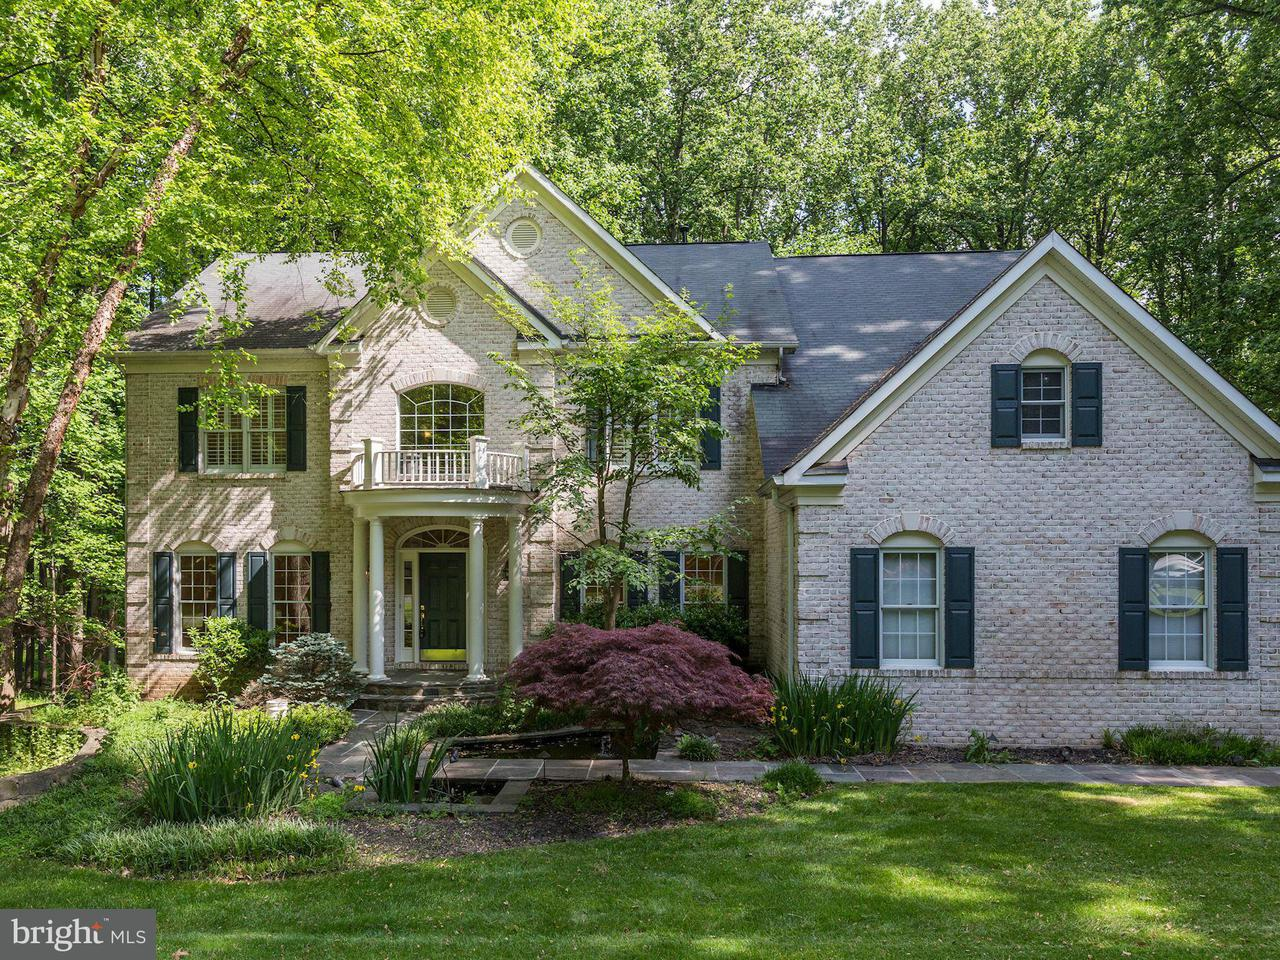 独户住宅 为 销售 在 15205 ARMINIO Court 15205 ARMINIO Court Darnestown, 马里兰州 20874 美国